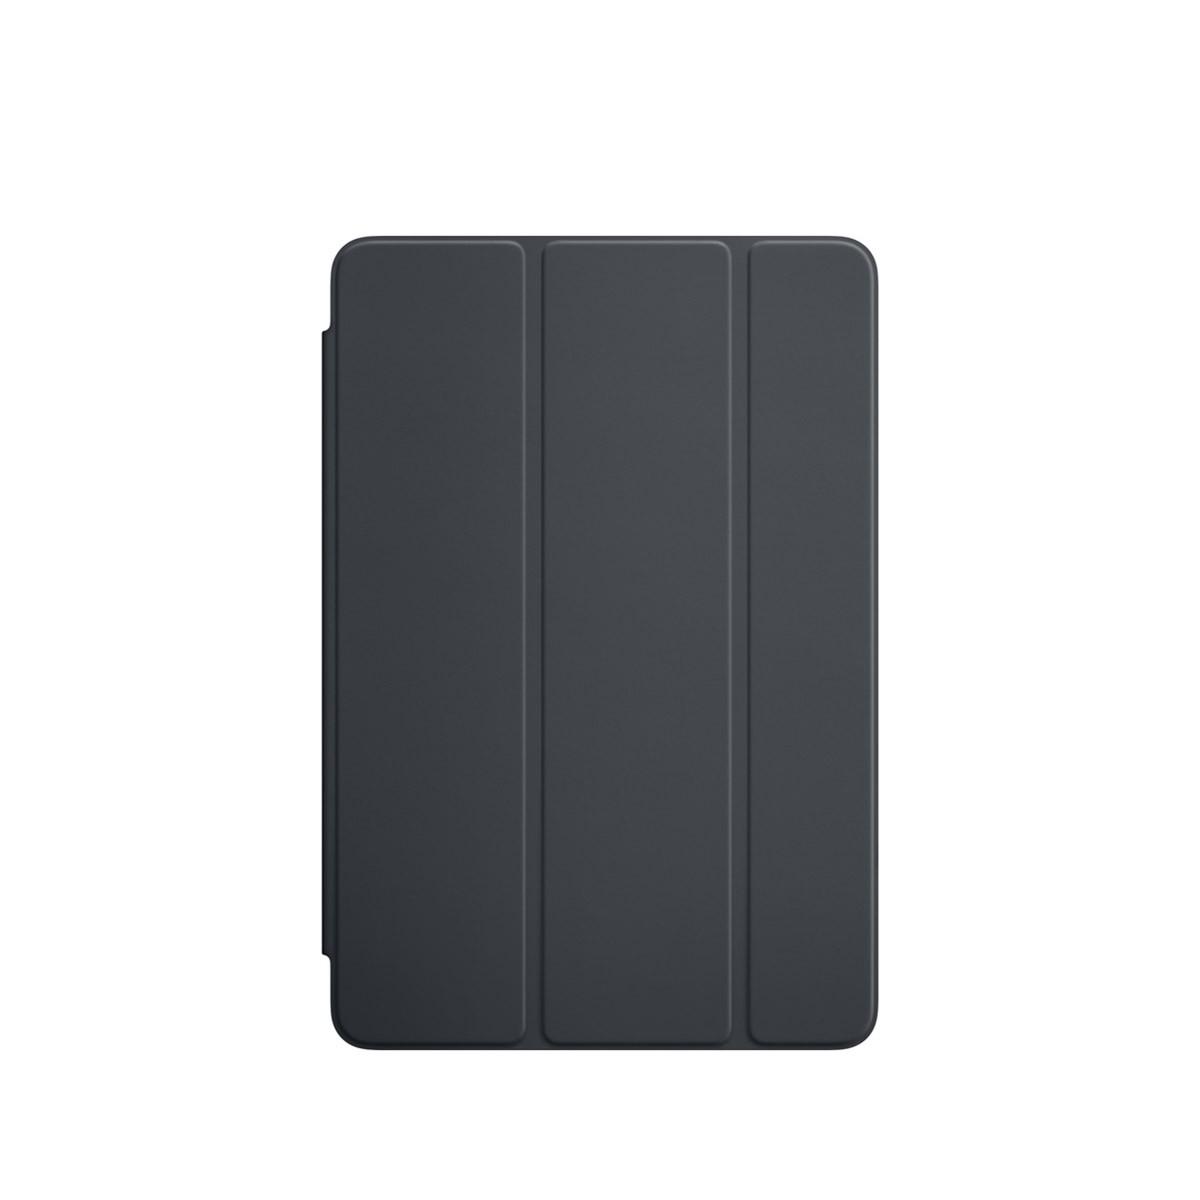 iPad mini 4 Smart Cover - uhlově šedý mklv2zm/a